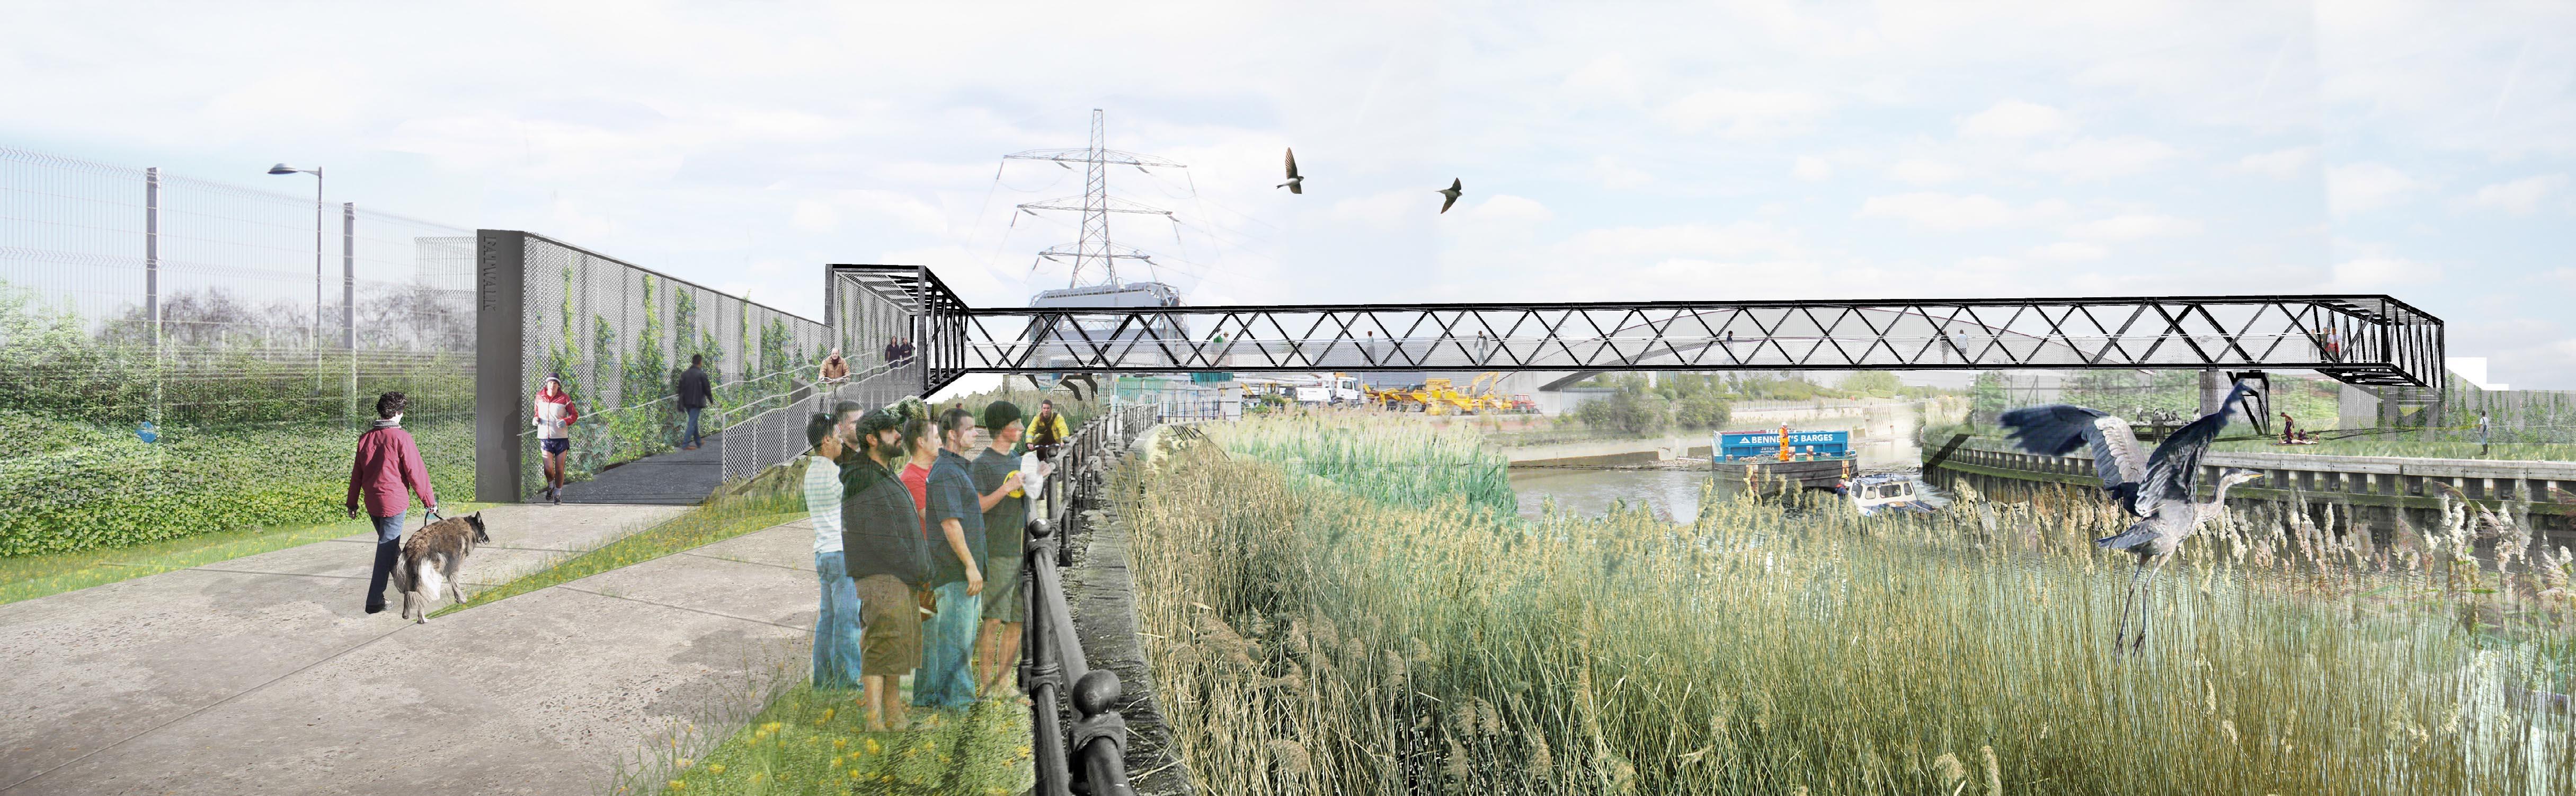 גשרי הולכי רגל ואופניים